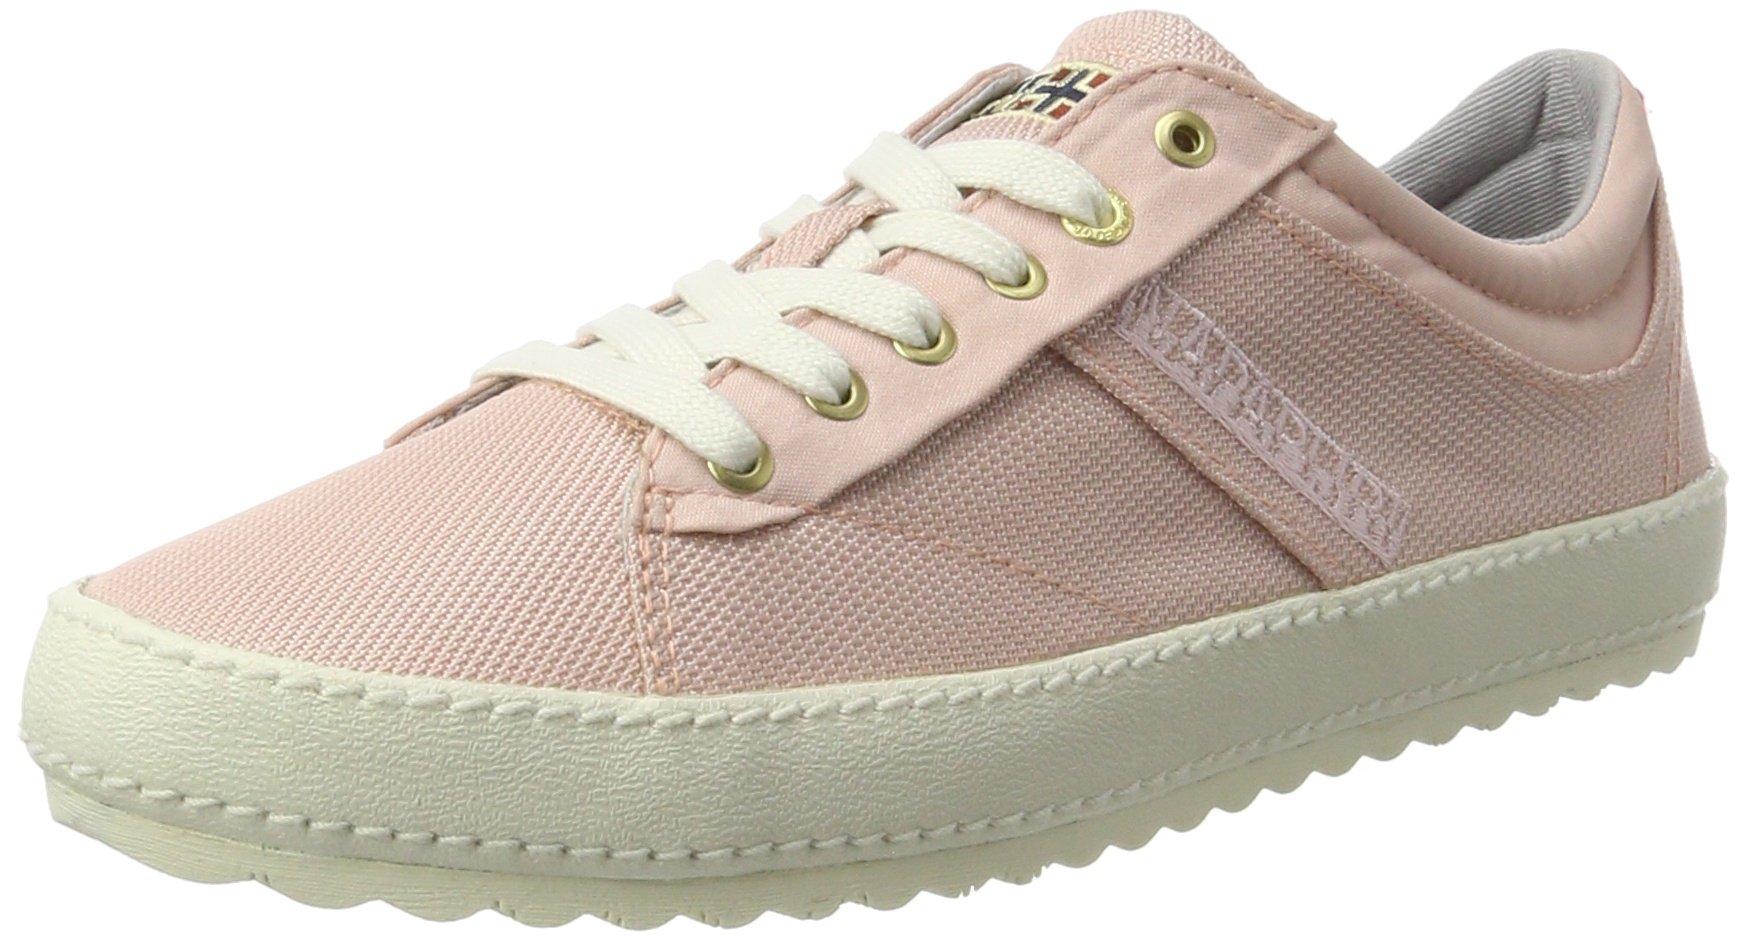 Napapijri FootwearBasses FootwearBasses Eu FemmeRosetea FootwearBasses FemmeRosetea FemmeRosetea Napapijri N58038 N58038 Napapijri Eu c3l1TFKJ